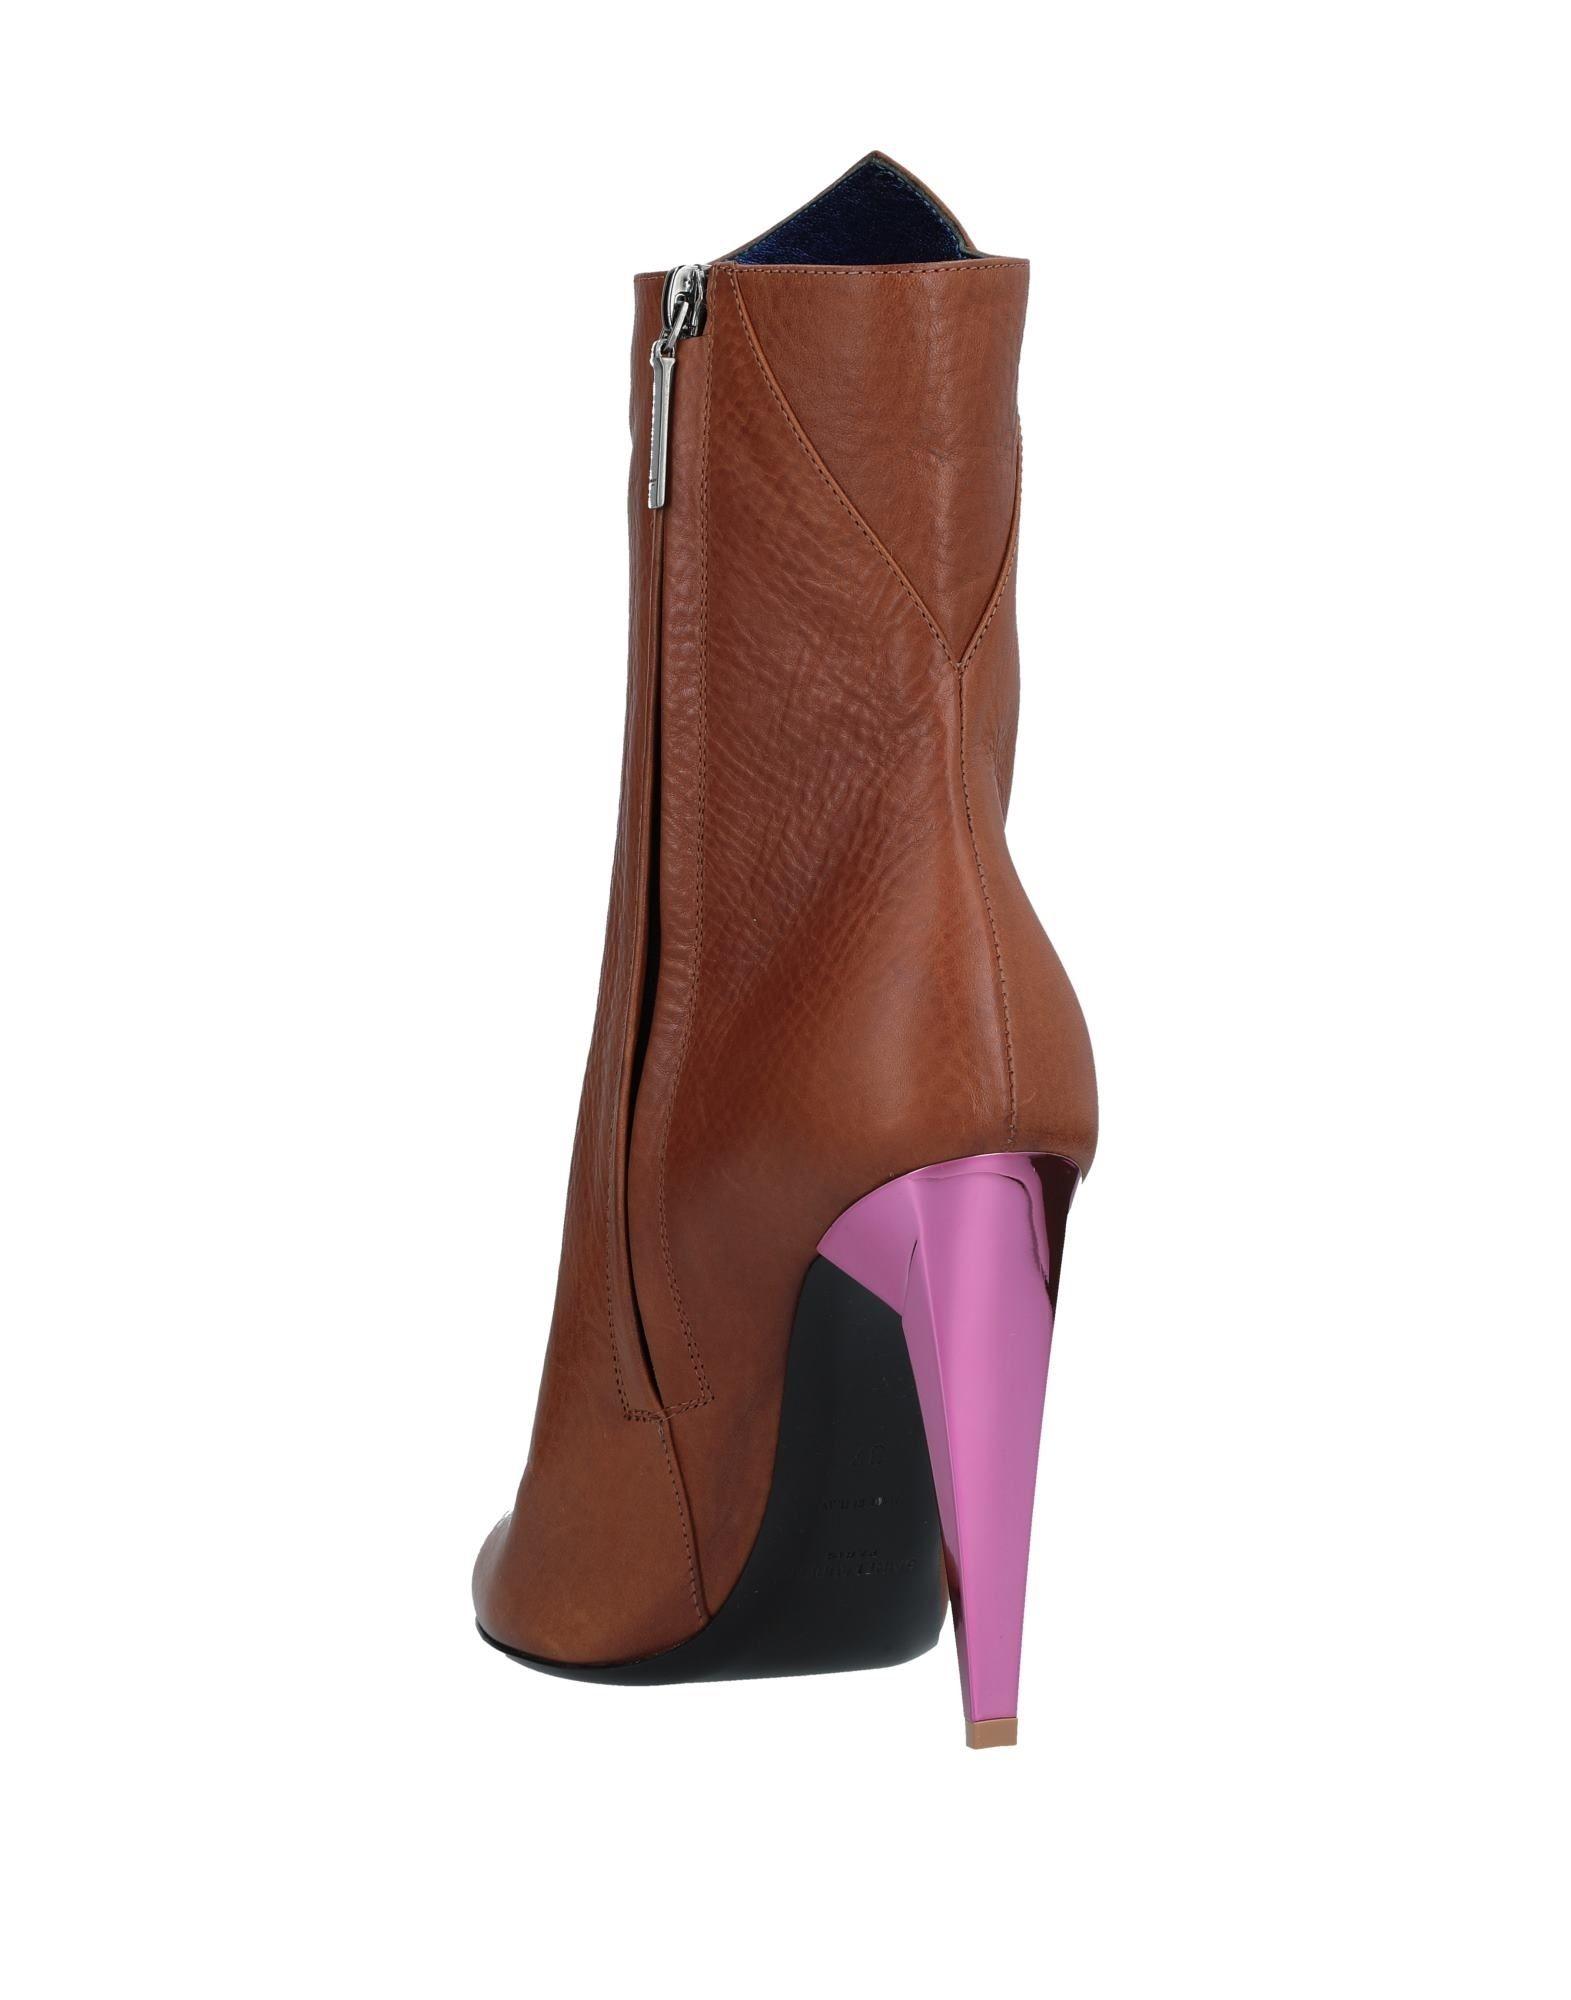 Saint Laurent Stiefelette Damen  Schuhe 11533558XPGünstige gut aussehende Schuhe  d90245